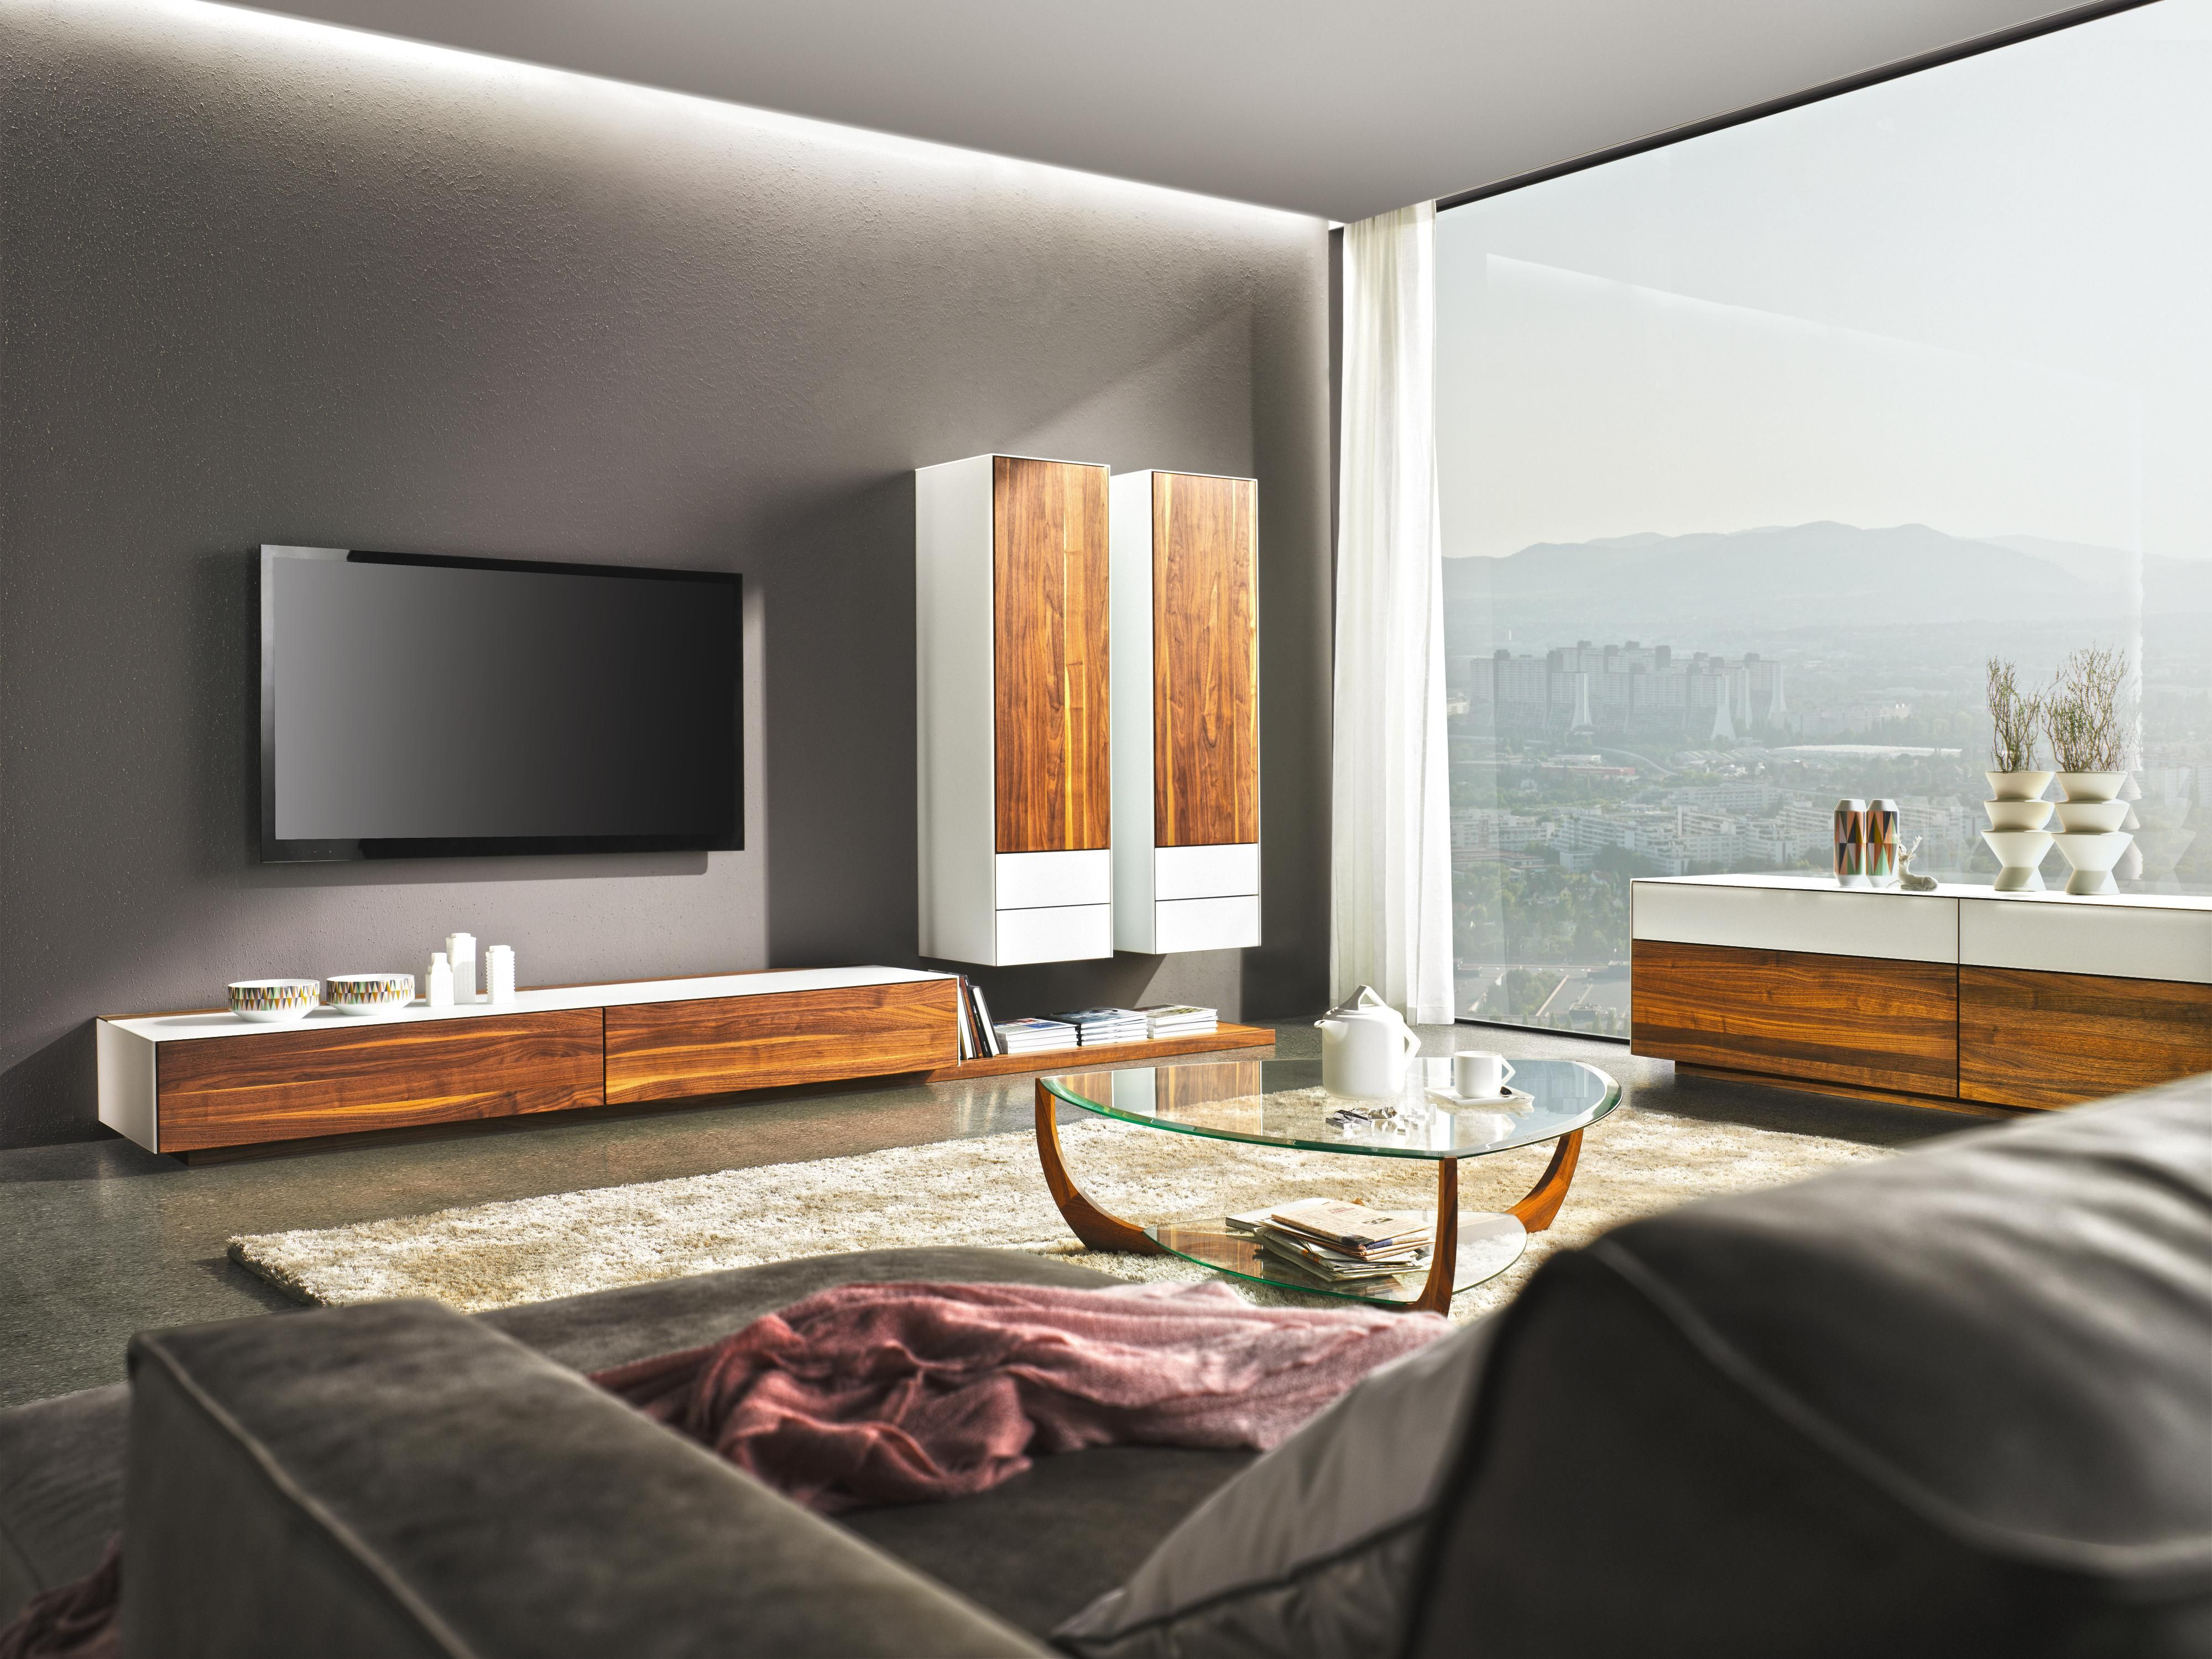 Team 7 Wohnwand Im Vollendeten Design Fur Ihre Schatze Im Wohnzimmer Wohnen Wohnwand Wohn Mobel